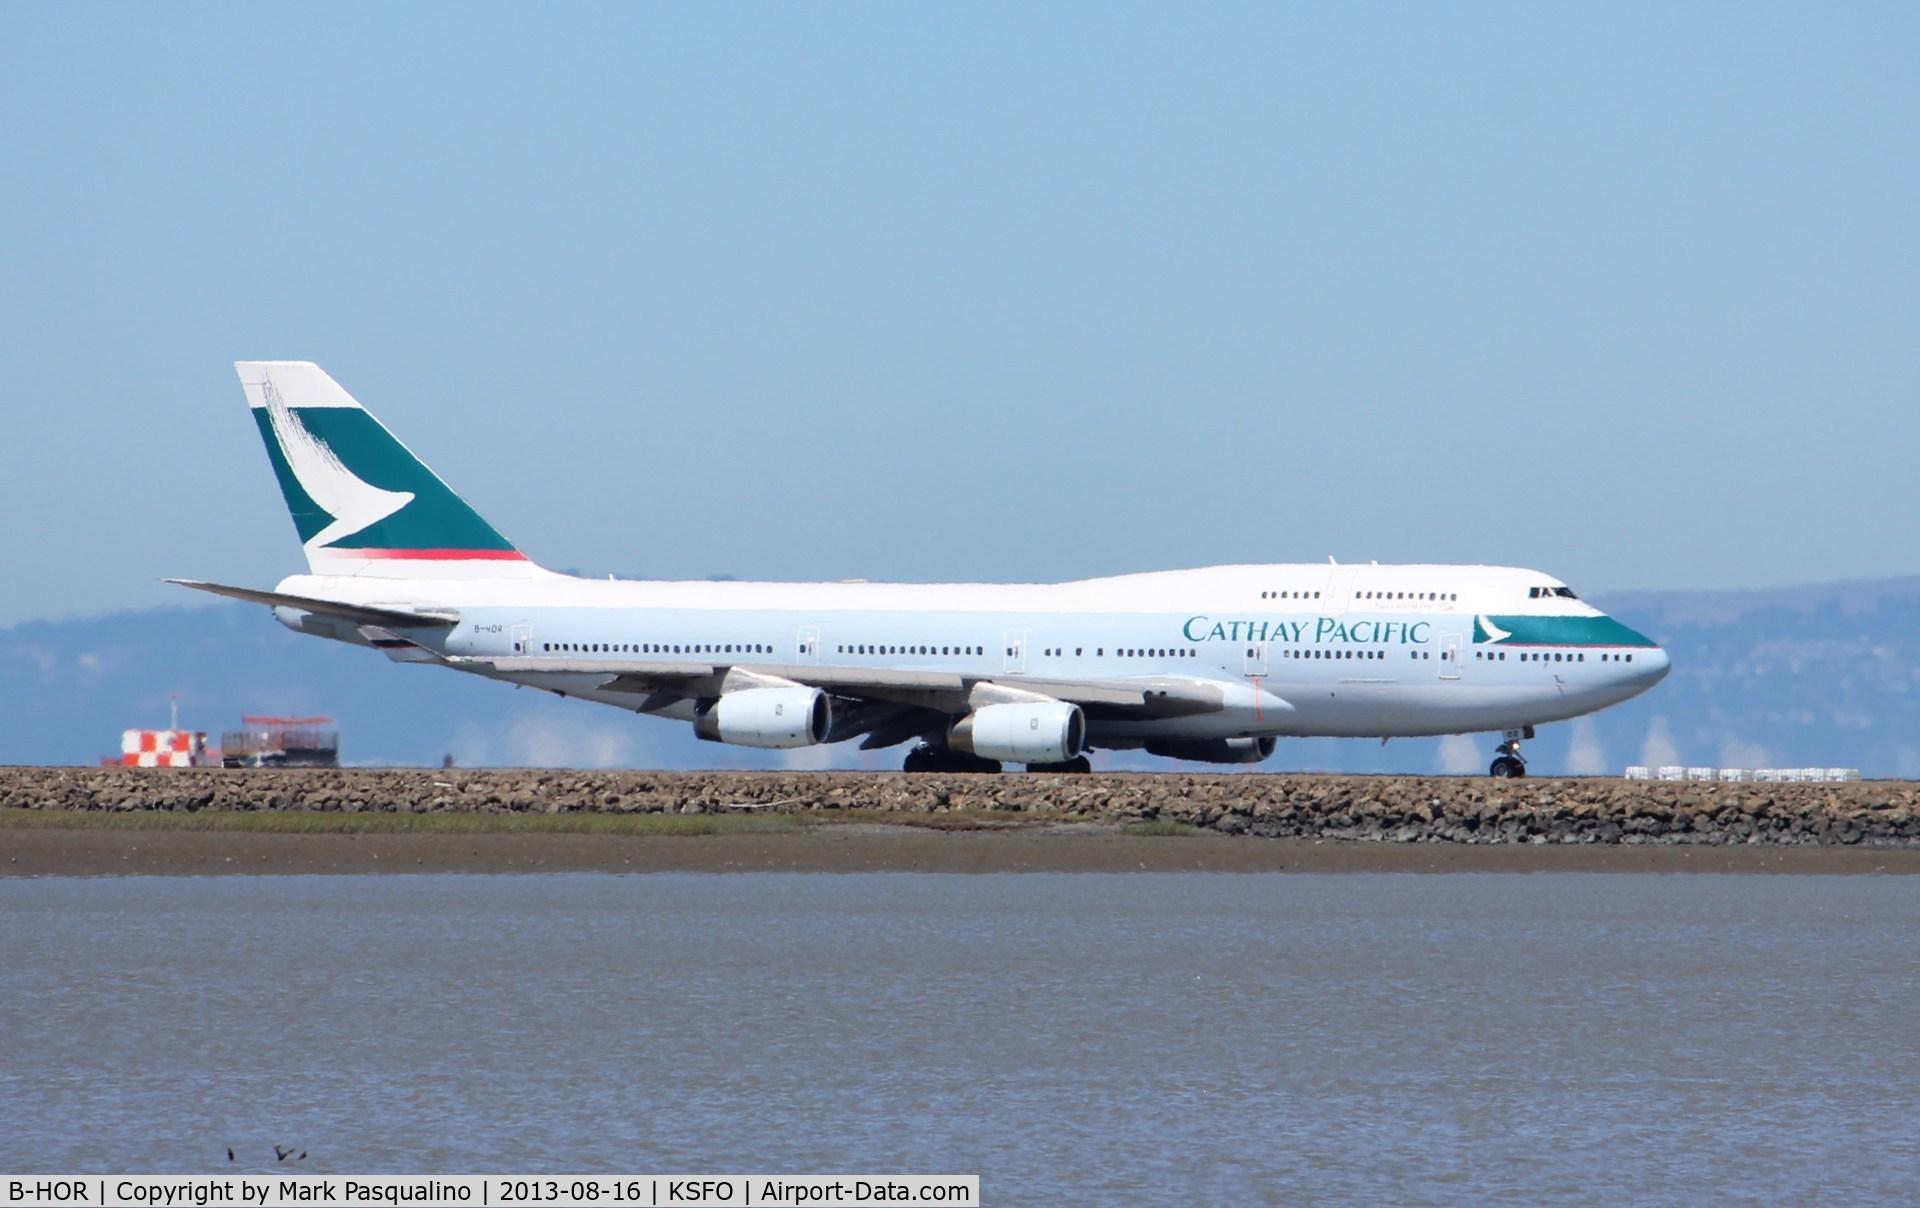 B-HOR, 1990 Boeing 747-467 C/N 24631, Boeing 747-400